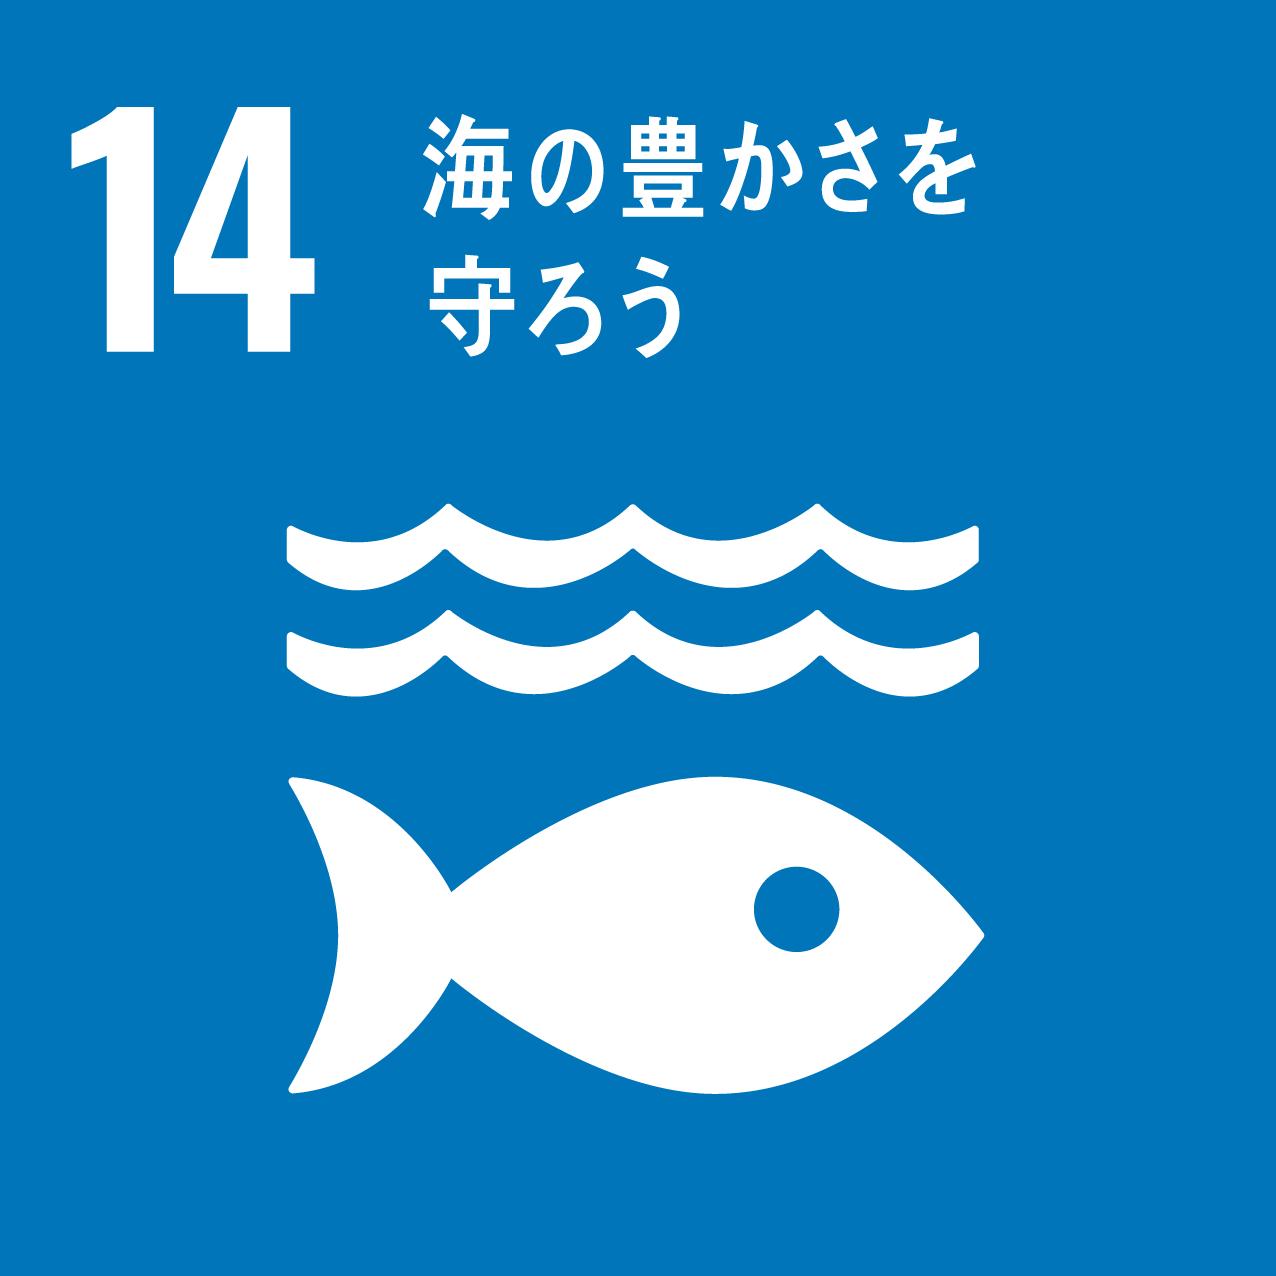 14.海の豊さを守ろう